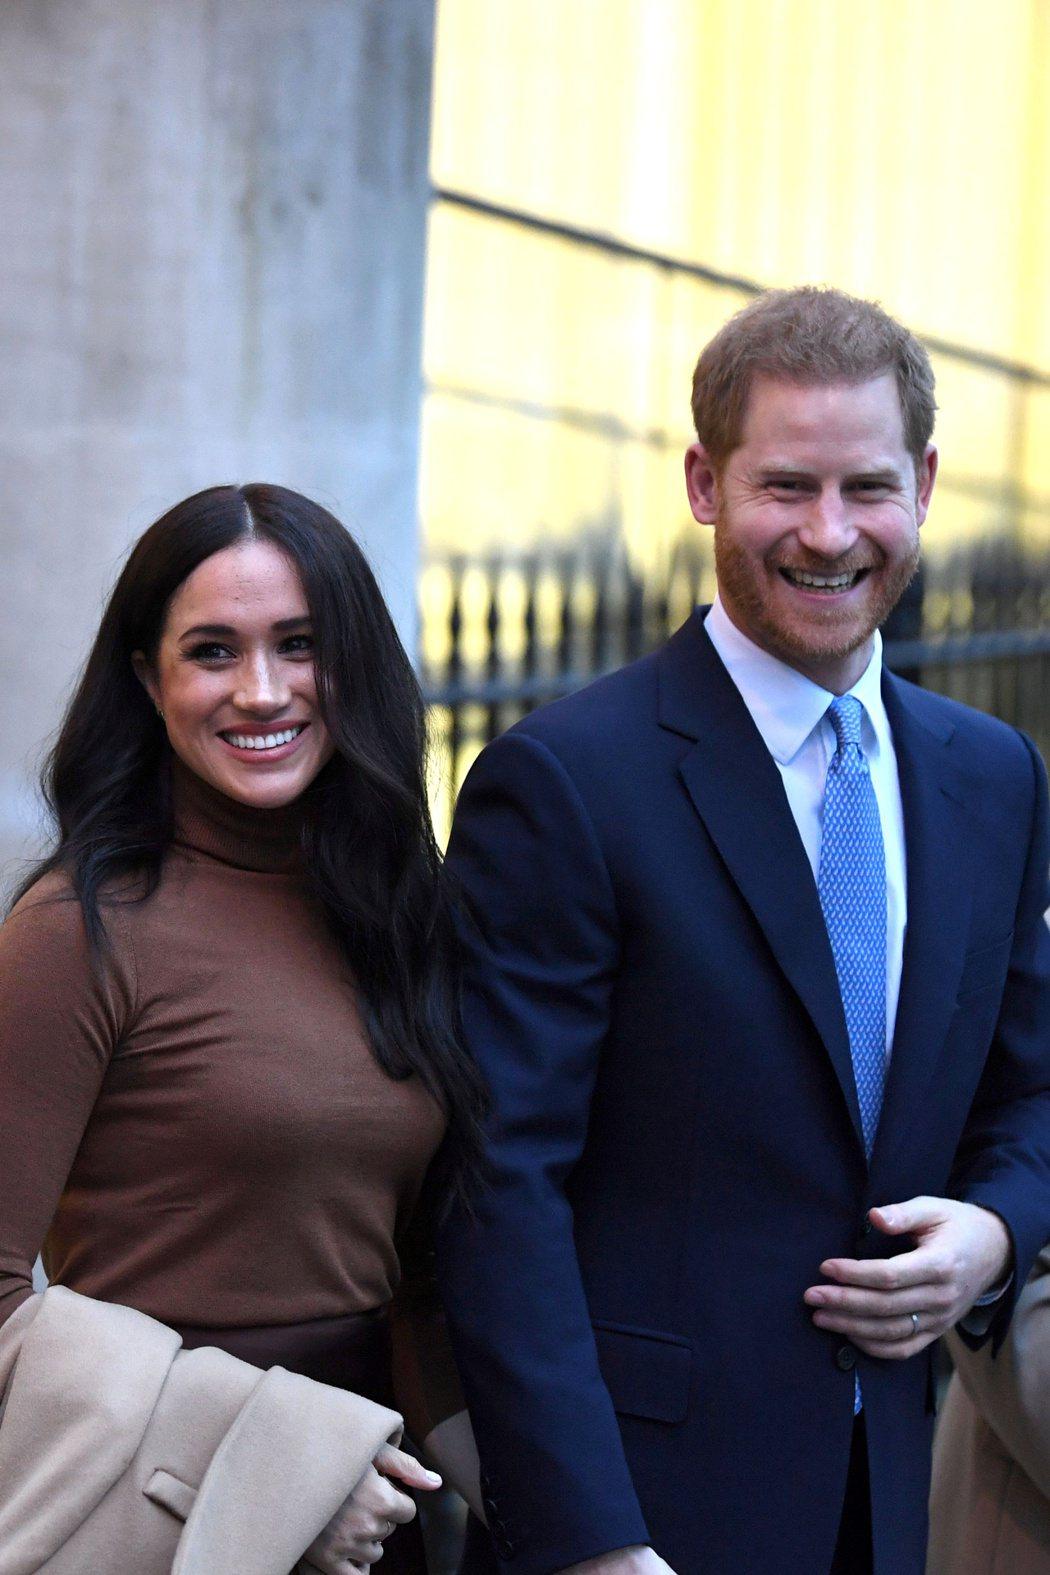 梅根和哈利現在更能做自己,較少受到英國皇室的束縛。圖/路透資料照片